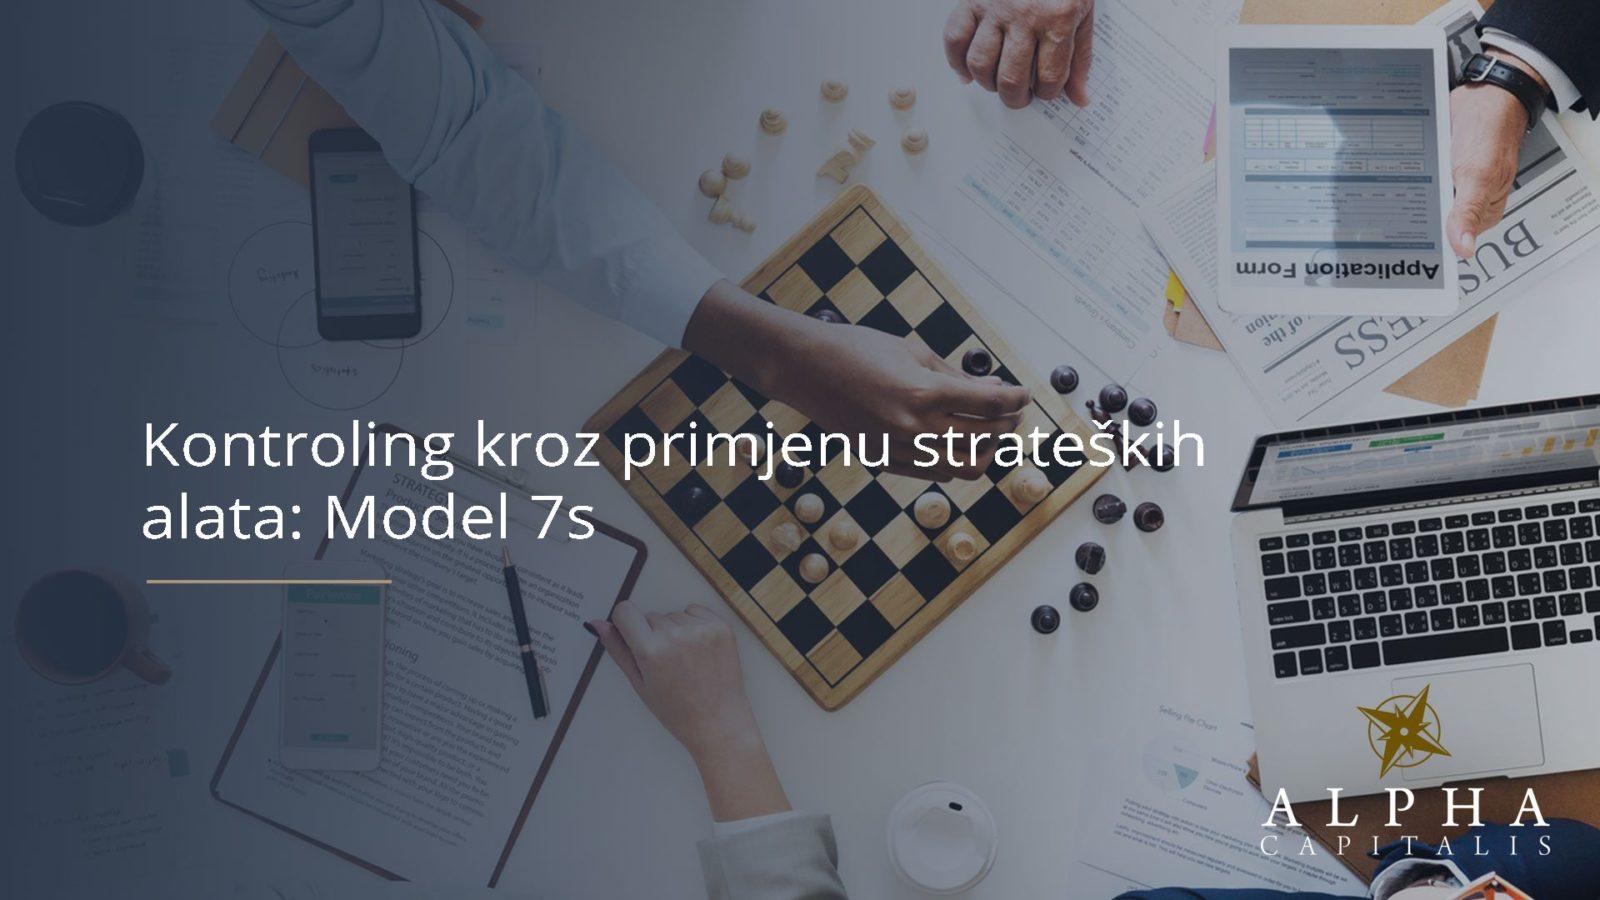 Kontroling kroz primjenu strateskih alata Model 7s - Kontroling kroz primjenu strateških alata: Model 7s